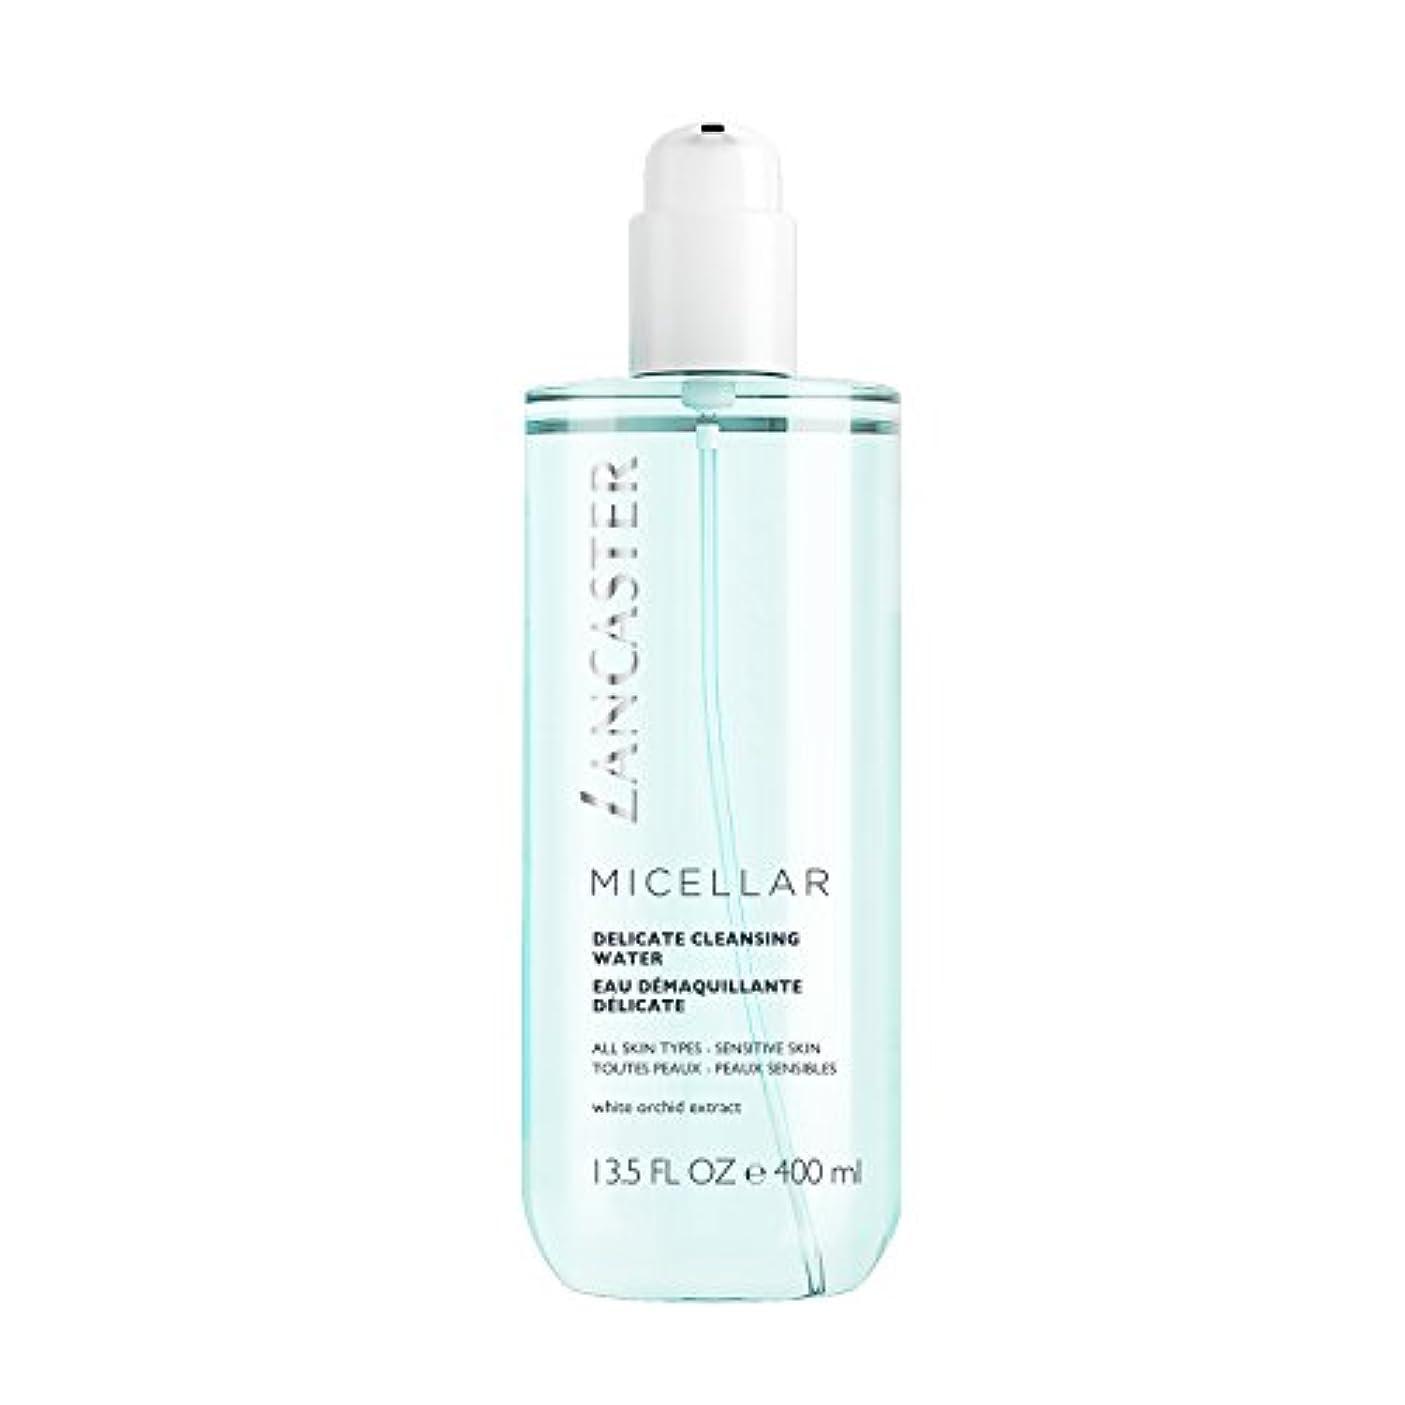 ごちそうおなじみの衝撃ランカスター Micellar Delicate Cleansing Water - All Skin Types, Including Sensitive Skin 400ml/13.5oz並行輸入品